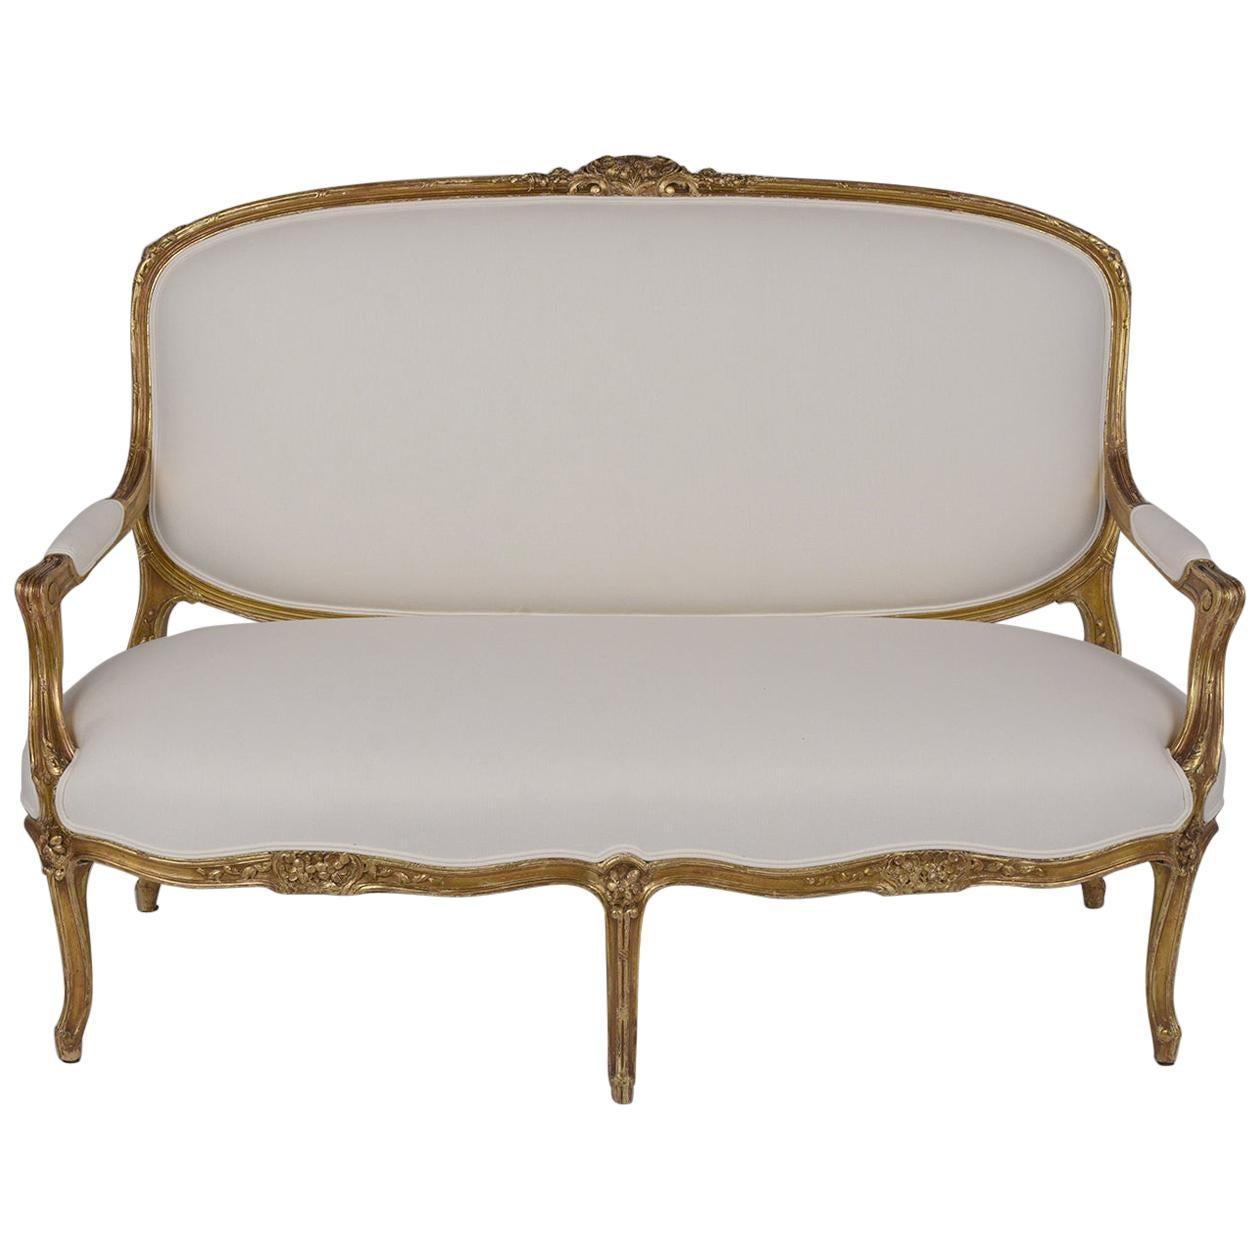 19th Century French Louis XVI Sofa